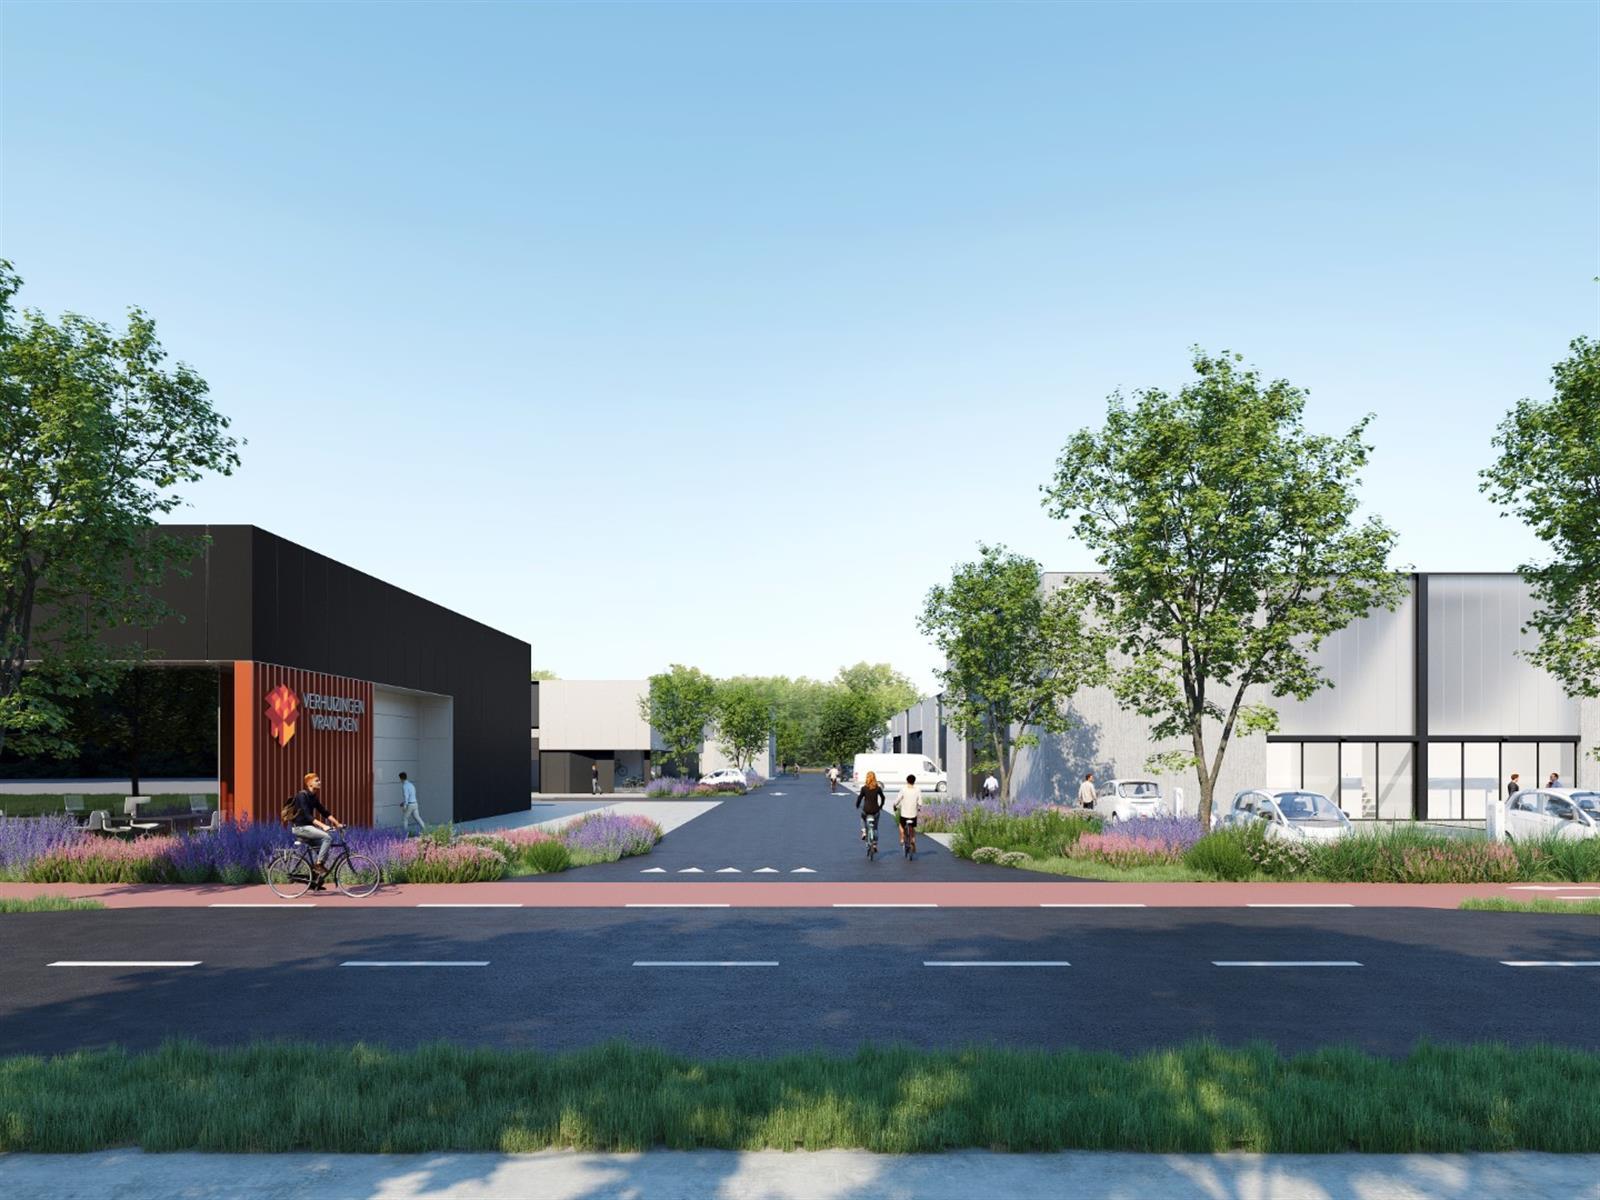 KMO-unit te koop Heros Businesspark KMO Unit 5 - Herkenrodesingel 10, 3500 Hasselt, België 1